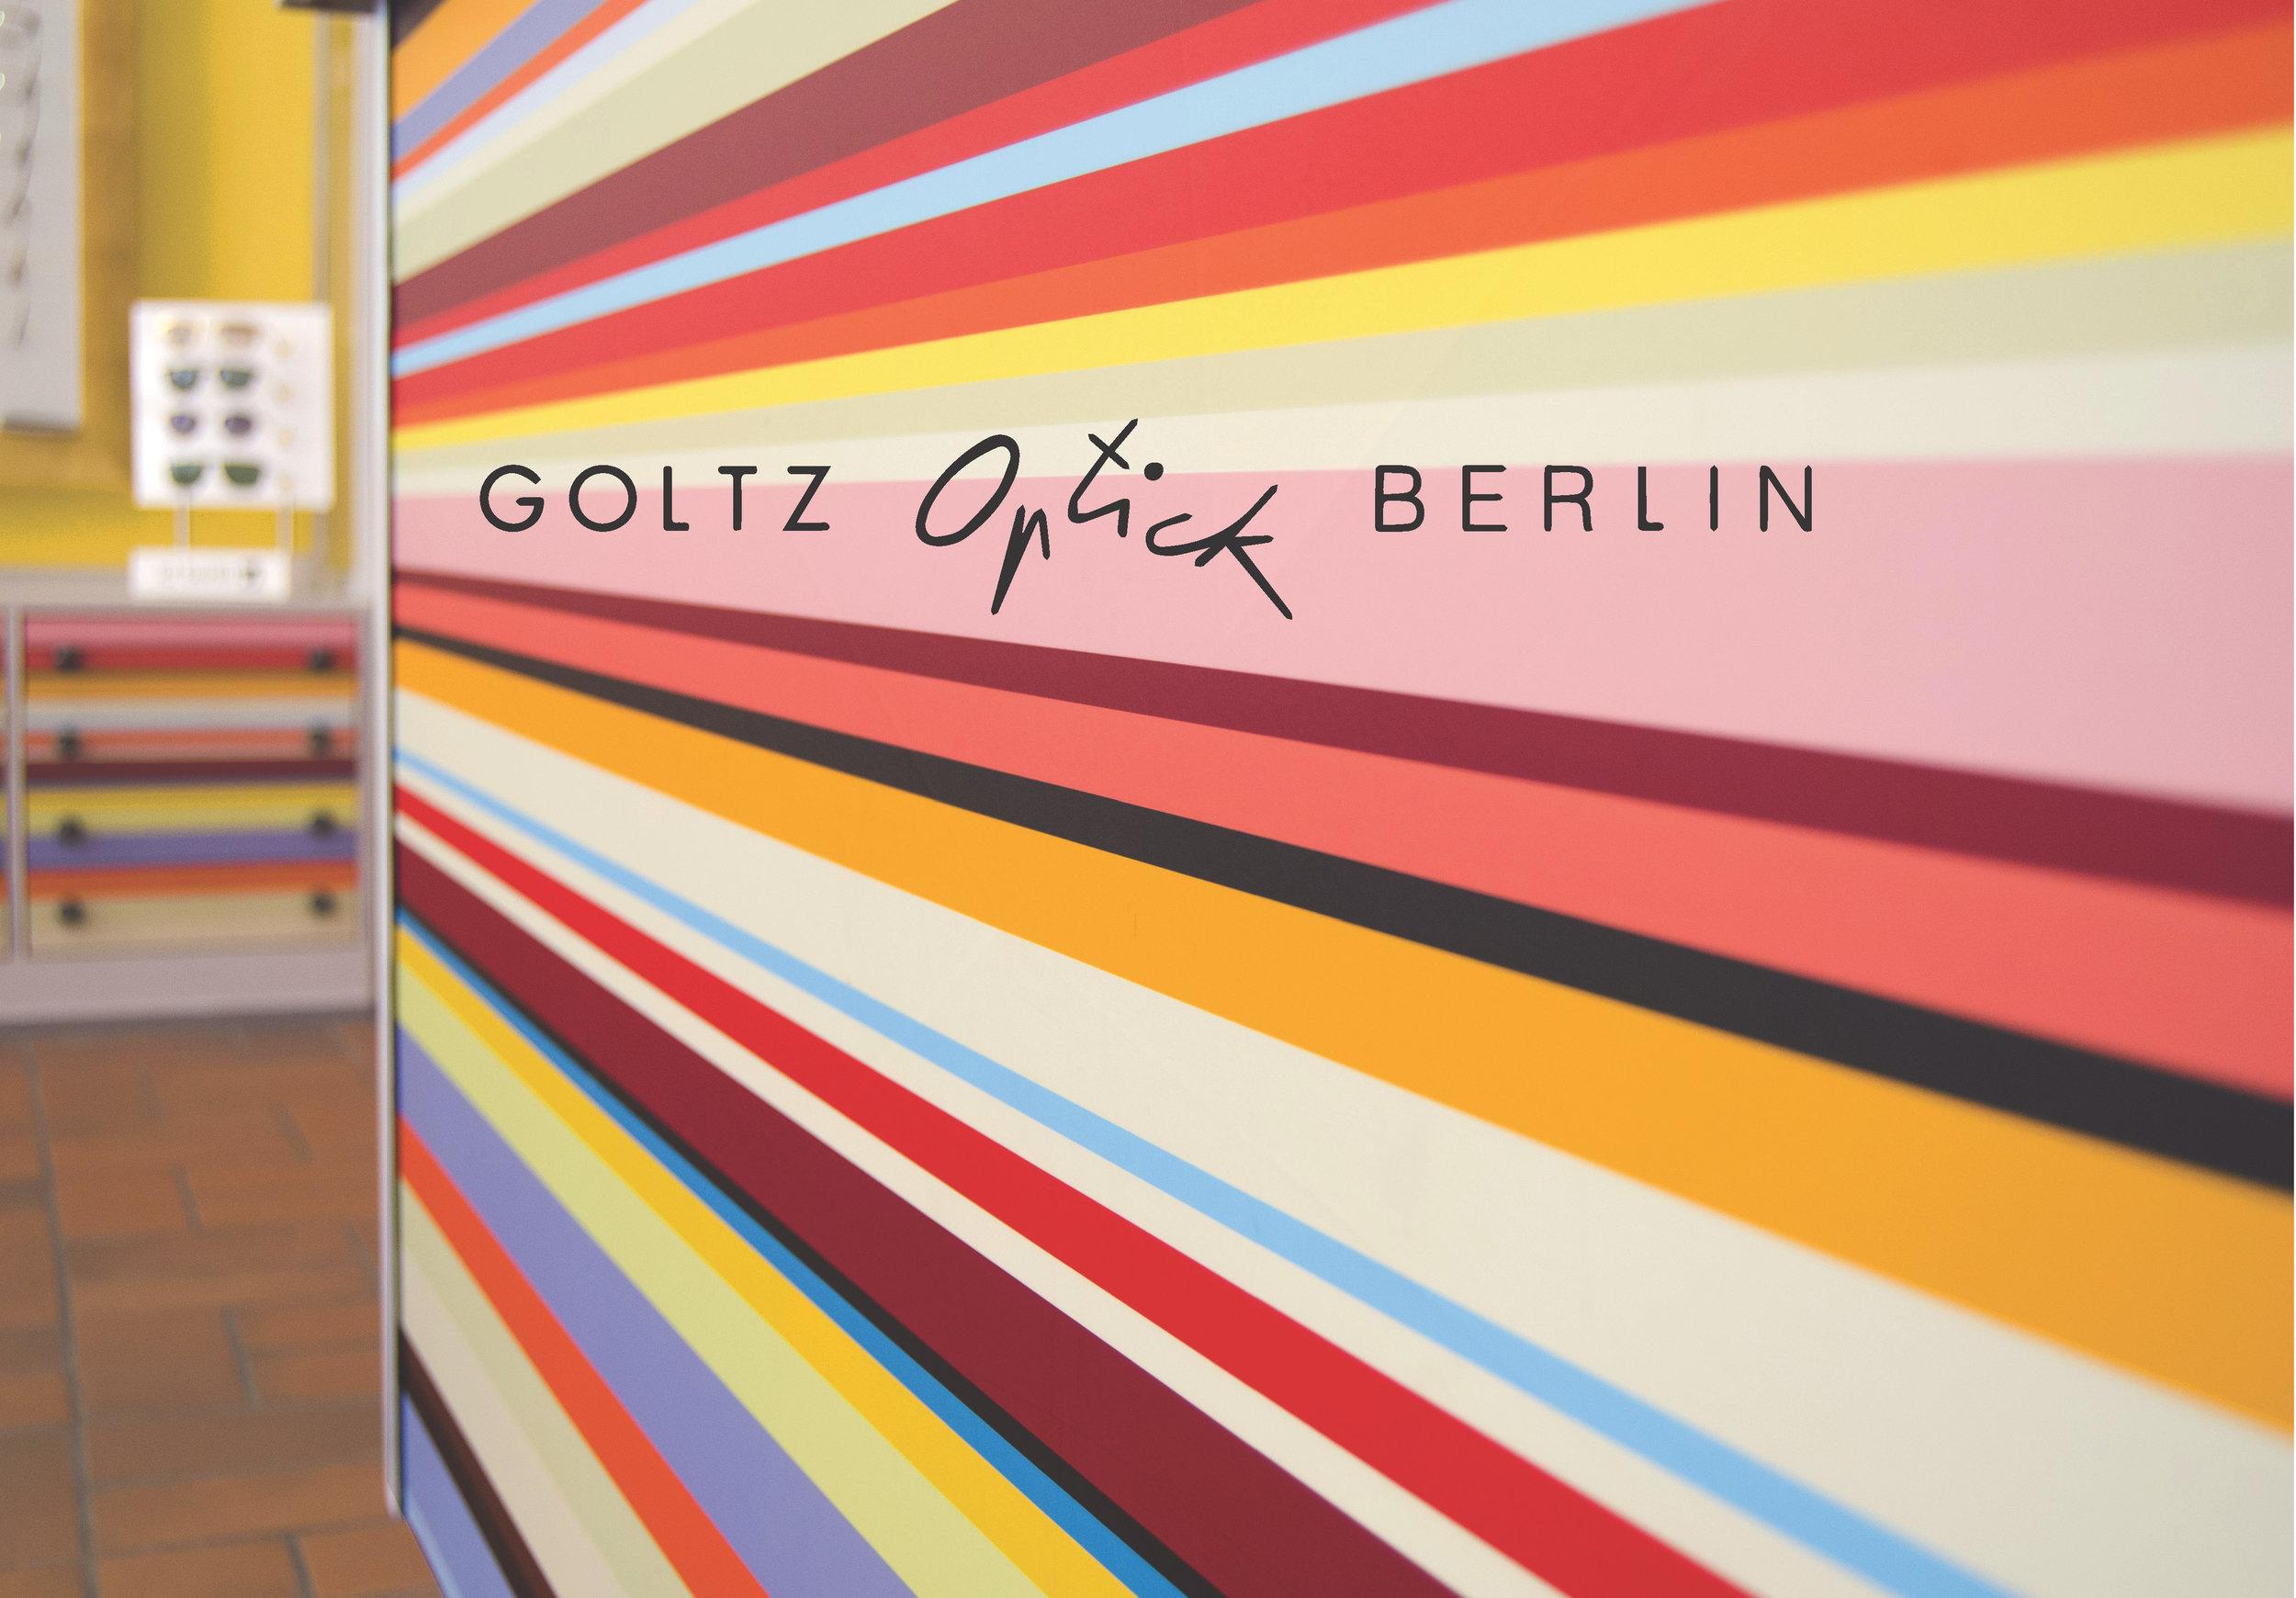 Goltz postcard front 5.1 (3mm bleed).jpg